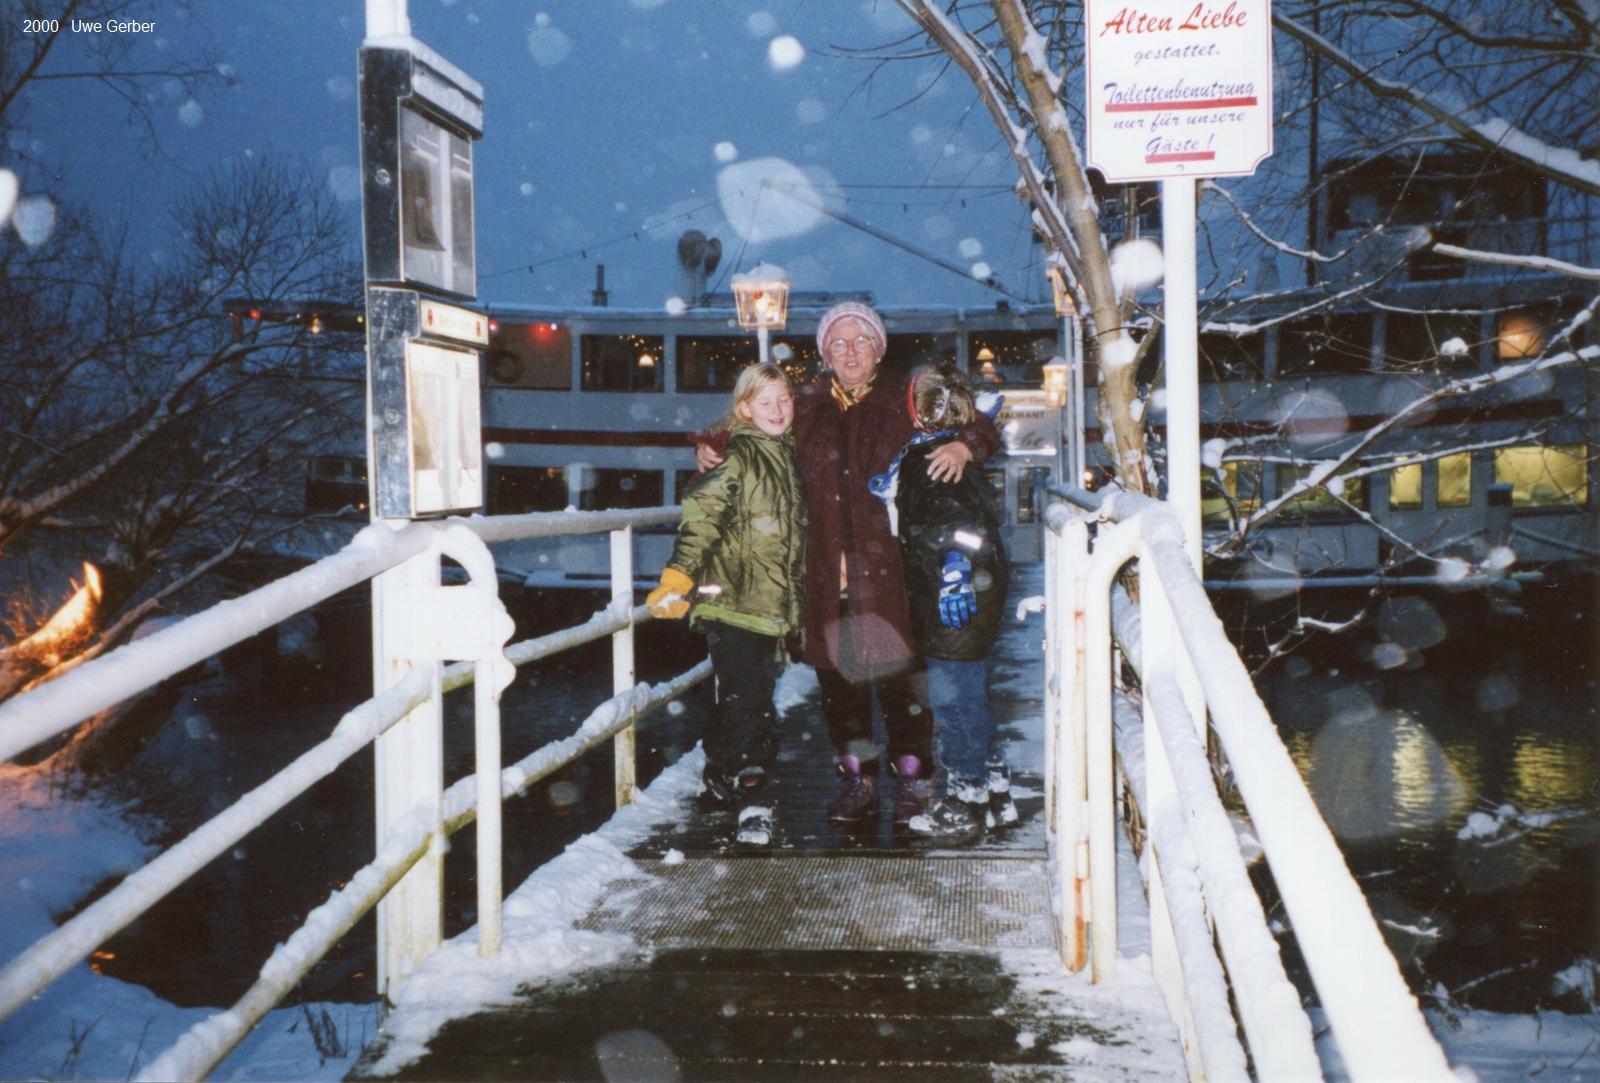 2000-12 Oma, Caro und Tobi vor Alter Liebe klein